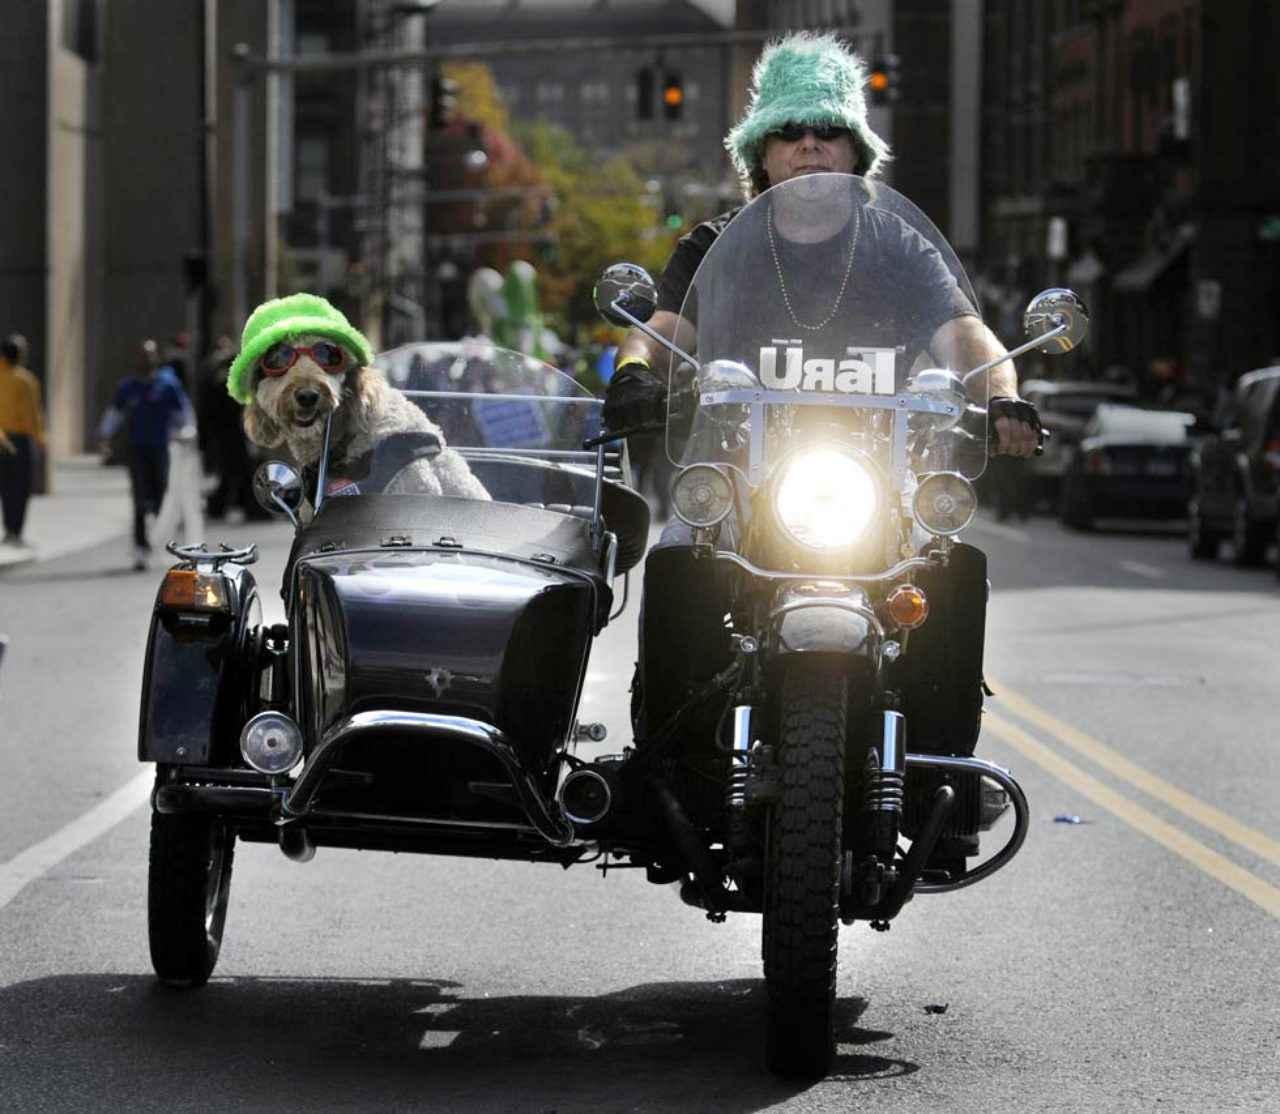 画像: ウラルサイドカーで疾走! お揃いの帽子もイイですね。 blogs.courant.com